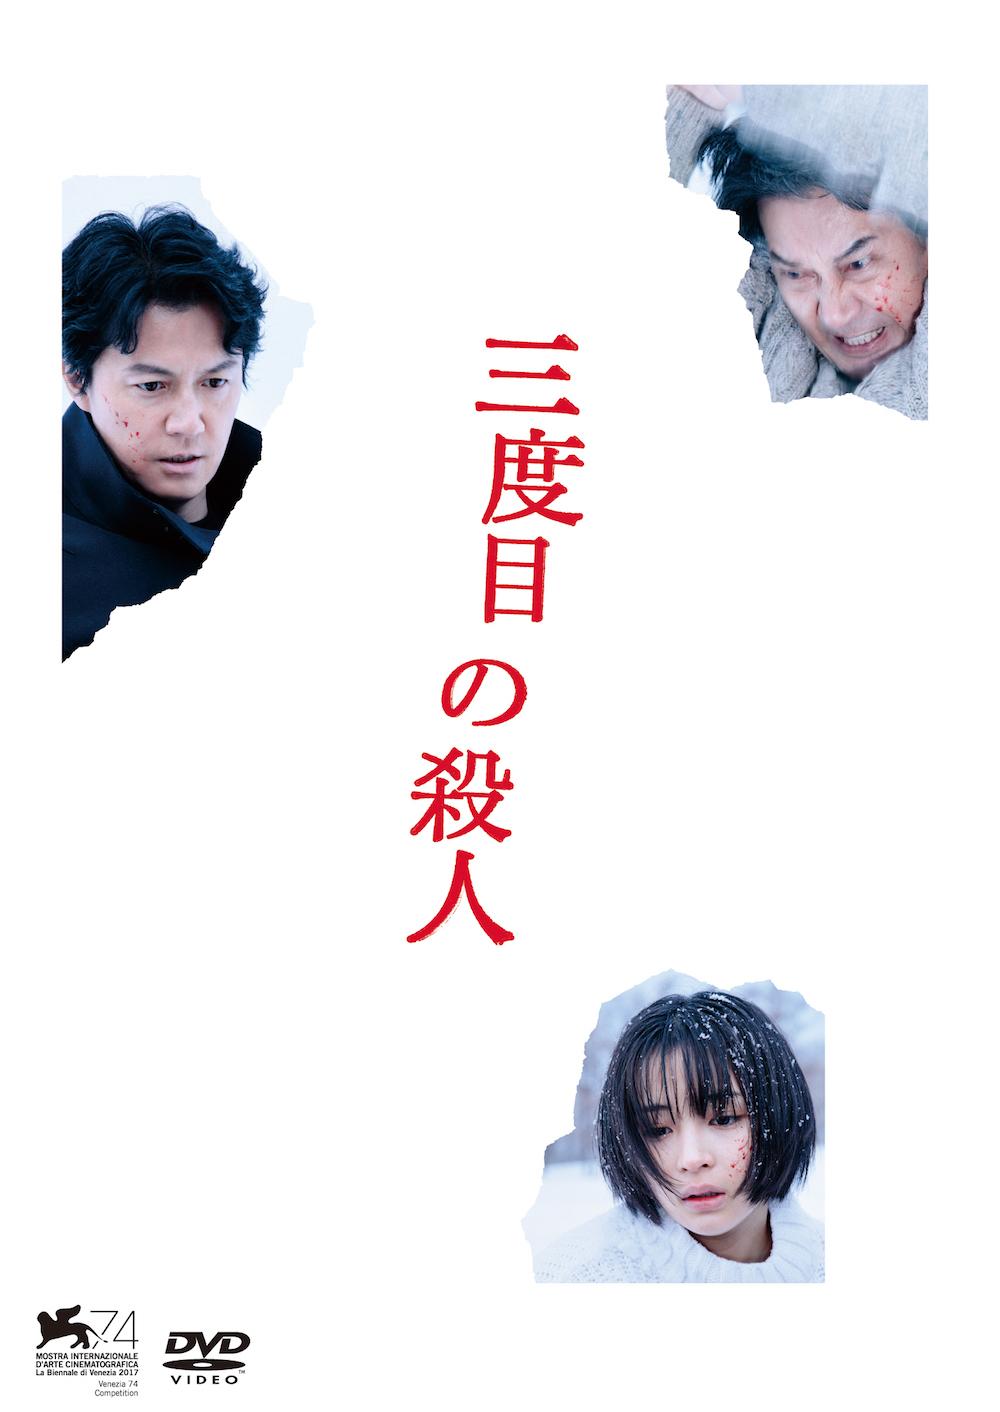 広瀬すず・福山雅治・役所広司 映画